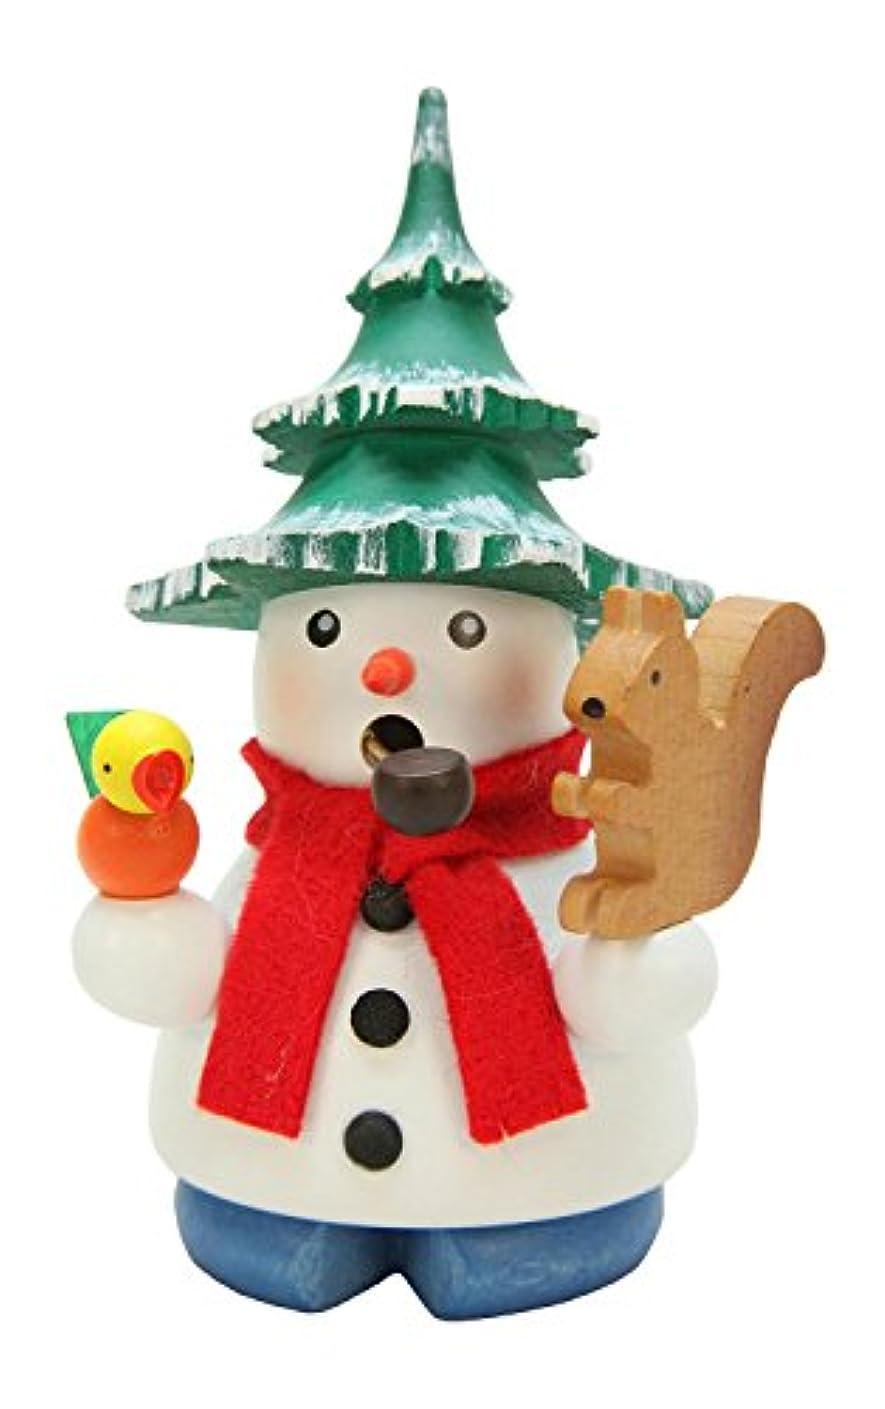 アナリストつかの間黙Alexander Taron Christian Ulbricht装飾雪だるまとツリーハットIncense Burner